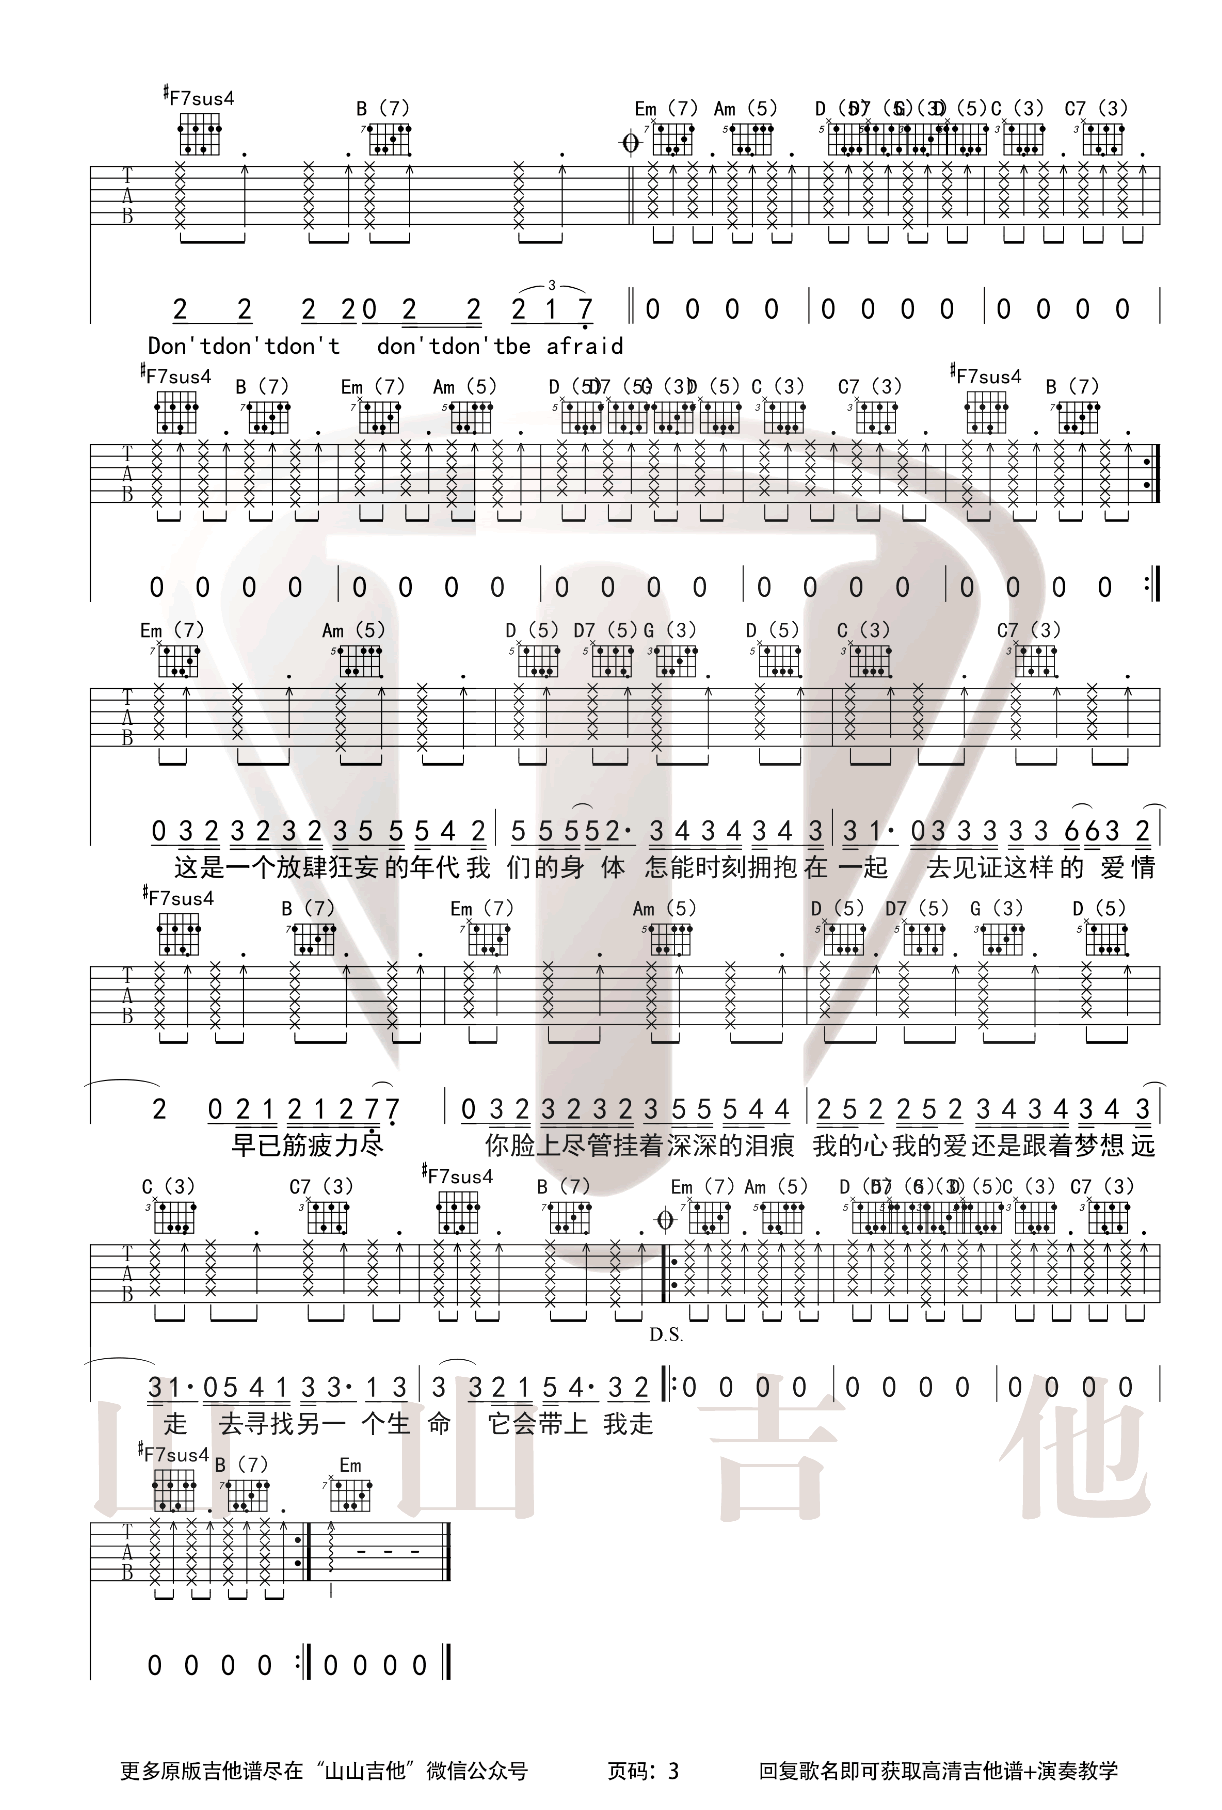 海龟先生《男孩别哭》吉他谱-3